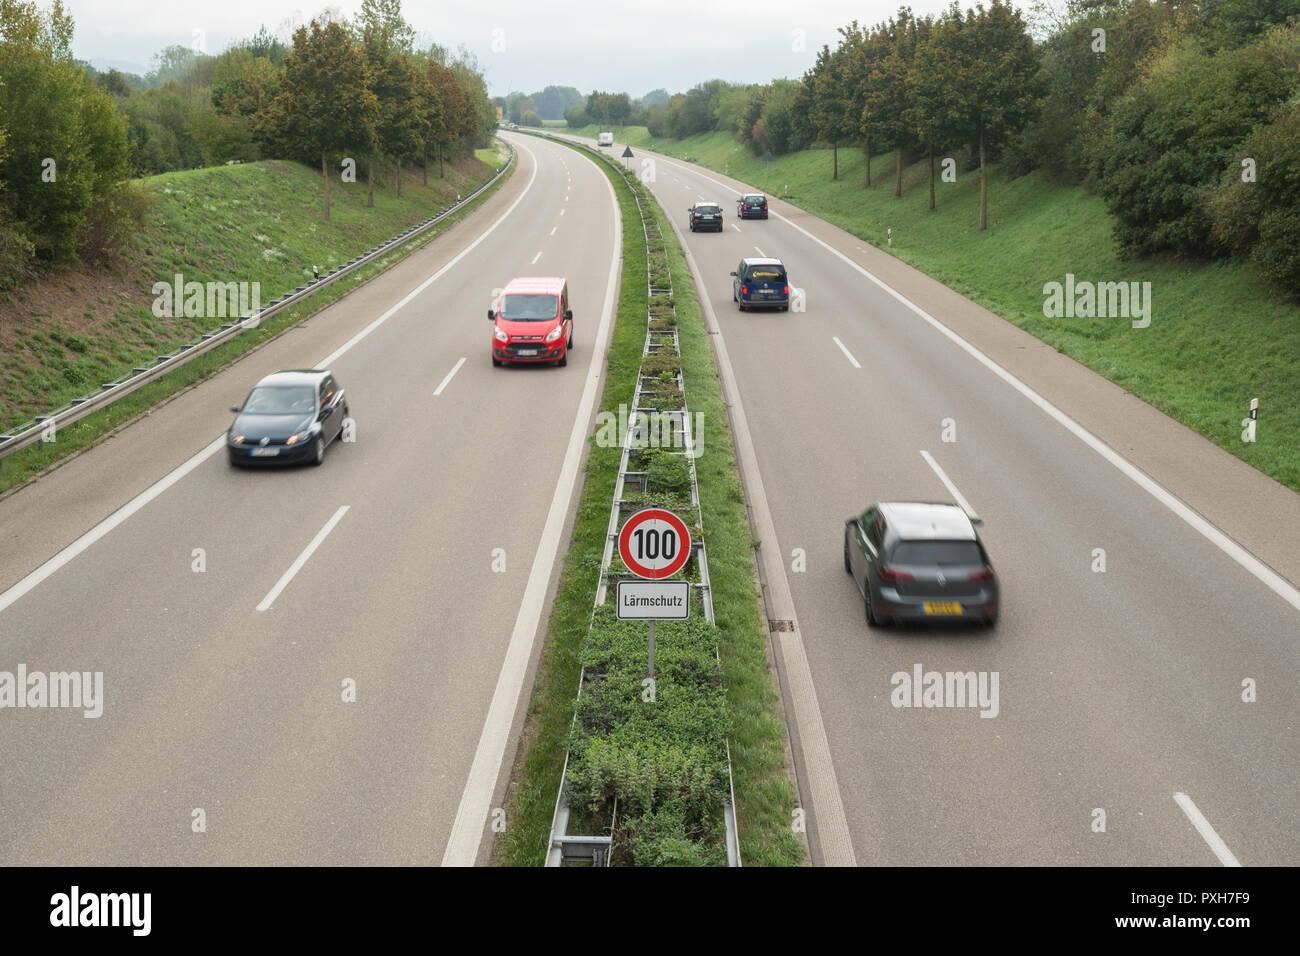 Il traffico su strada per la riduzione del rumore - riduzione del limite di velocità su autostrada Tedesca per ridurre l' inquinamento acustico - Freiburg, Germania, Europa Immagini Stock